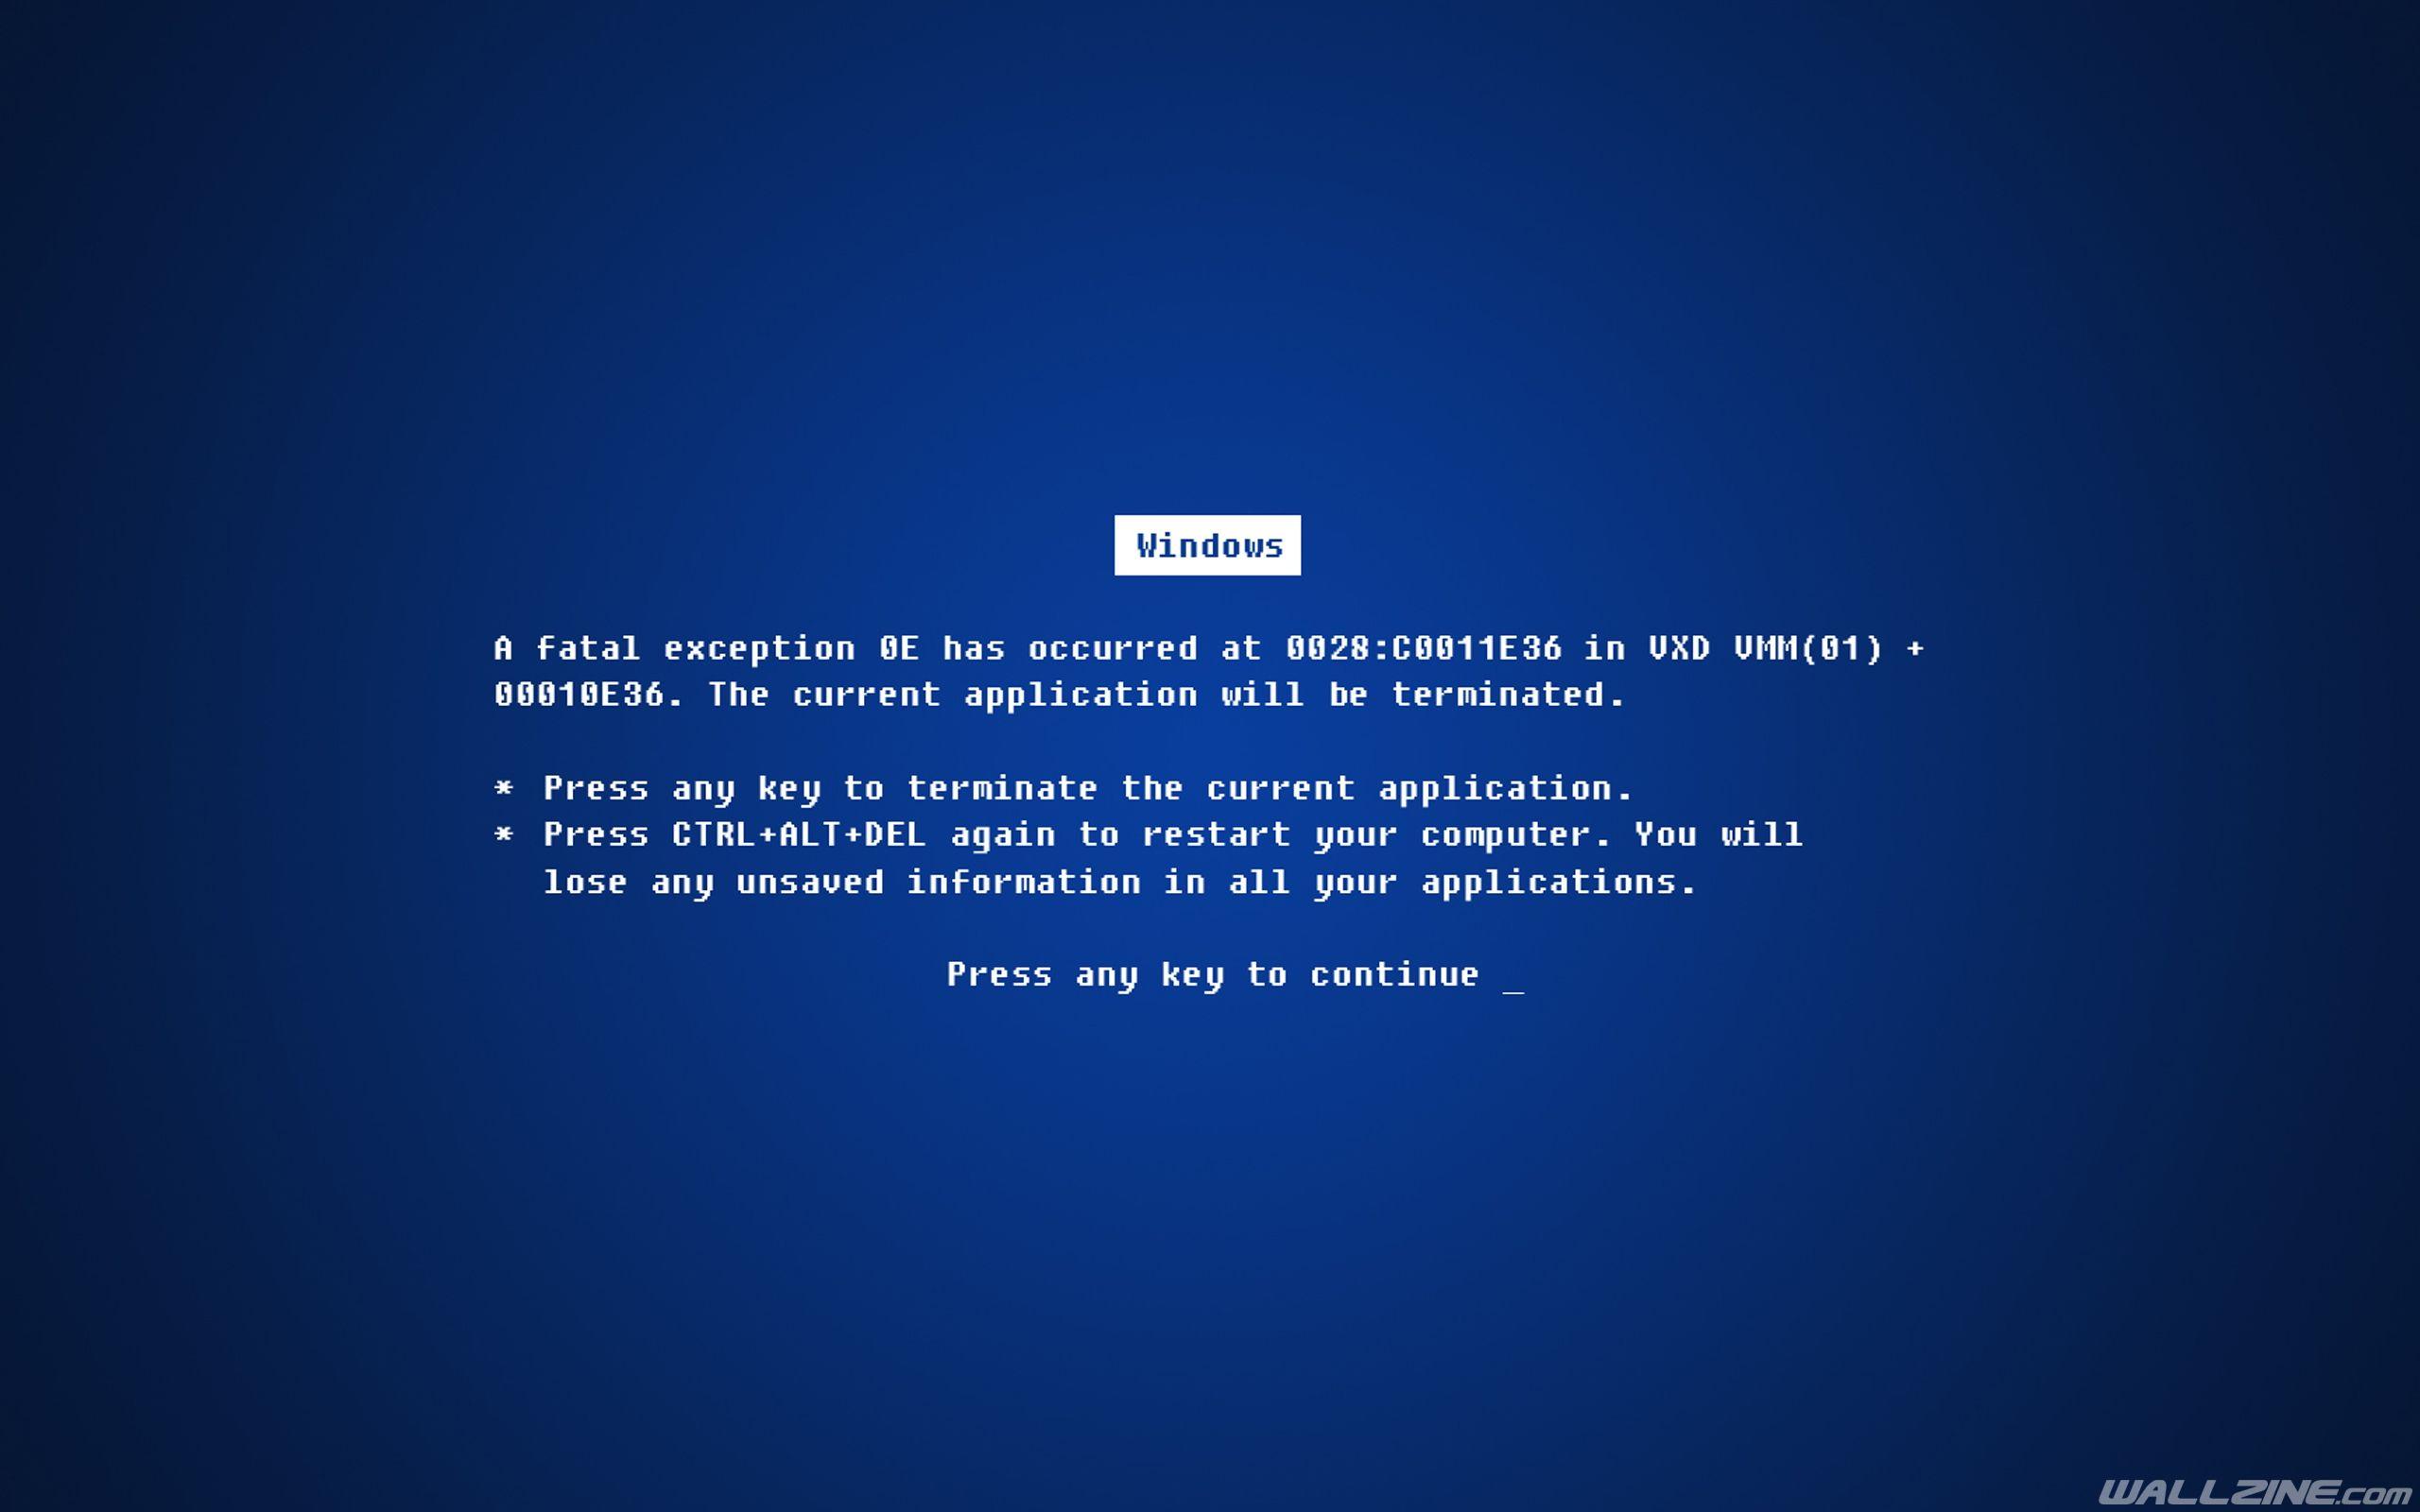 Windows Fatal Error Wallpaper | HD Desktop Wallpapers | Pinterest ...